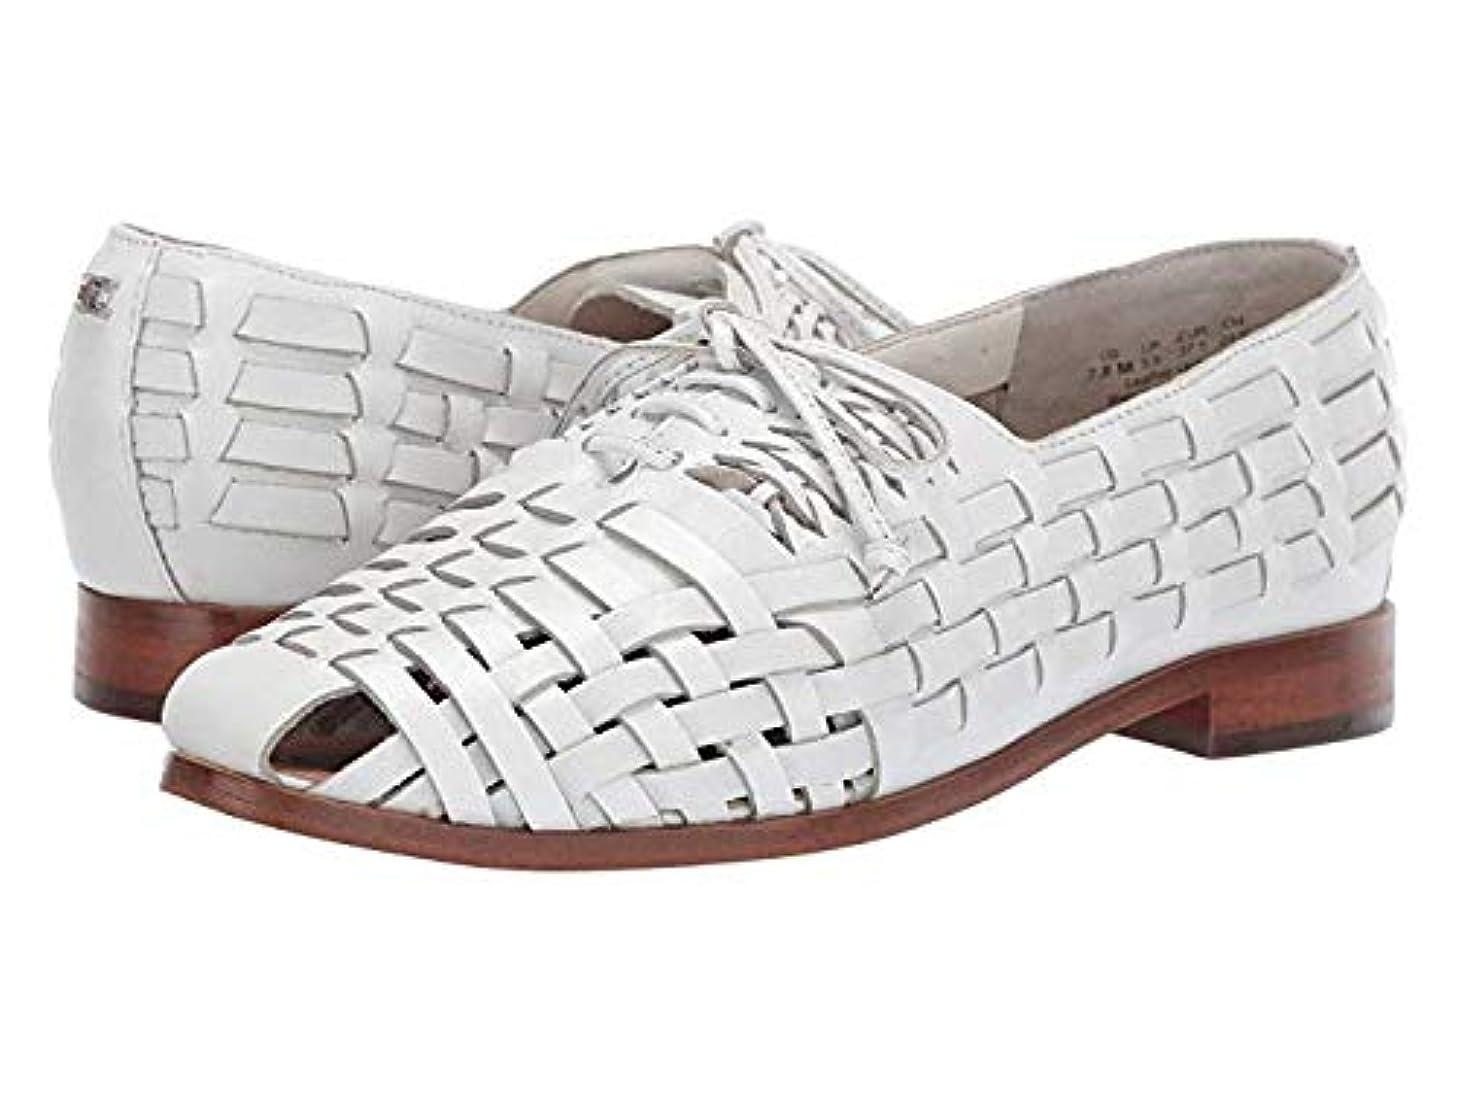 ジェスチャー哀に対処する[Sam Edelman(サムエデルマン)] レディースレースアップ?オックスフォード?靴 Rishel Bright White (26.5cm) M [並行輸入品]